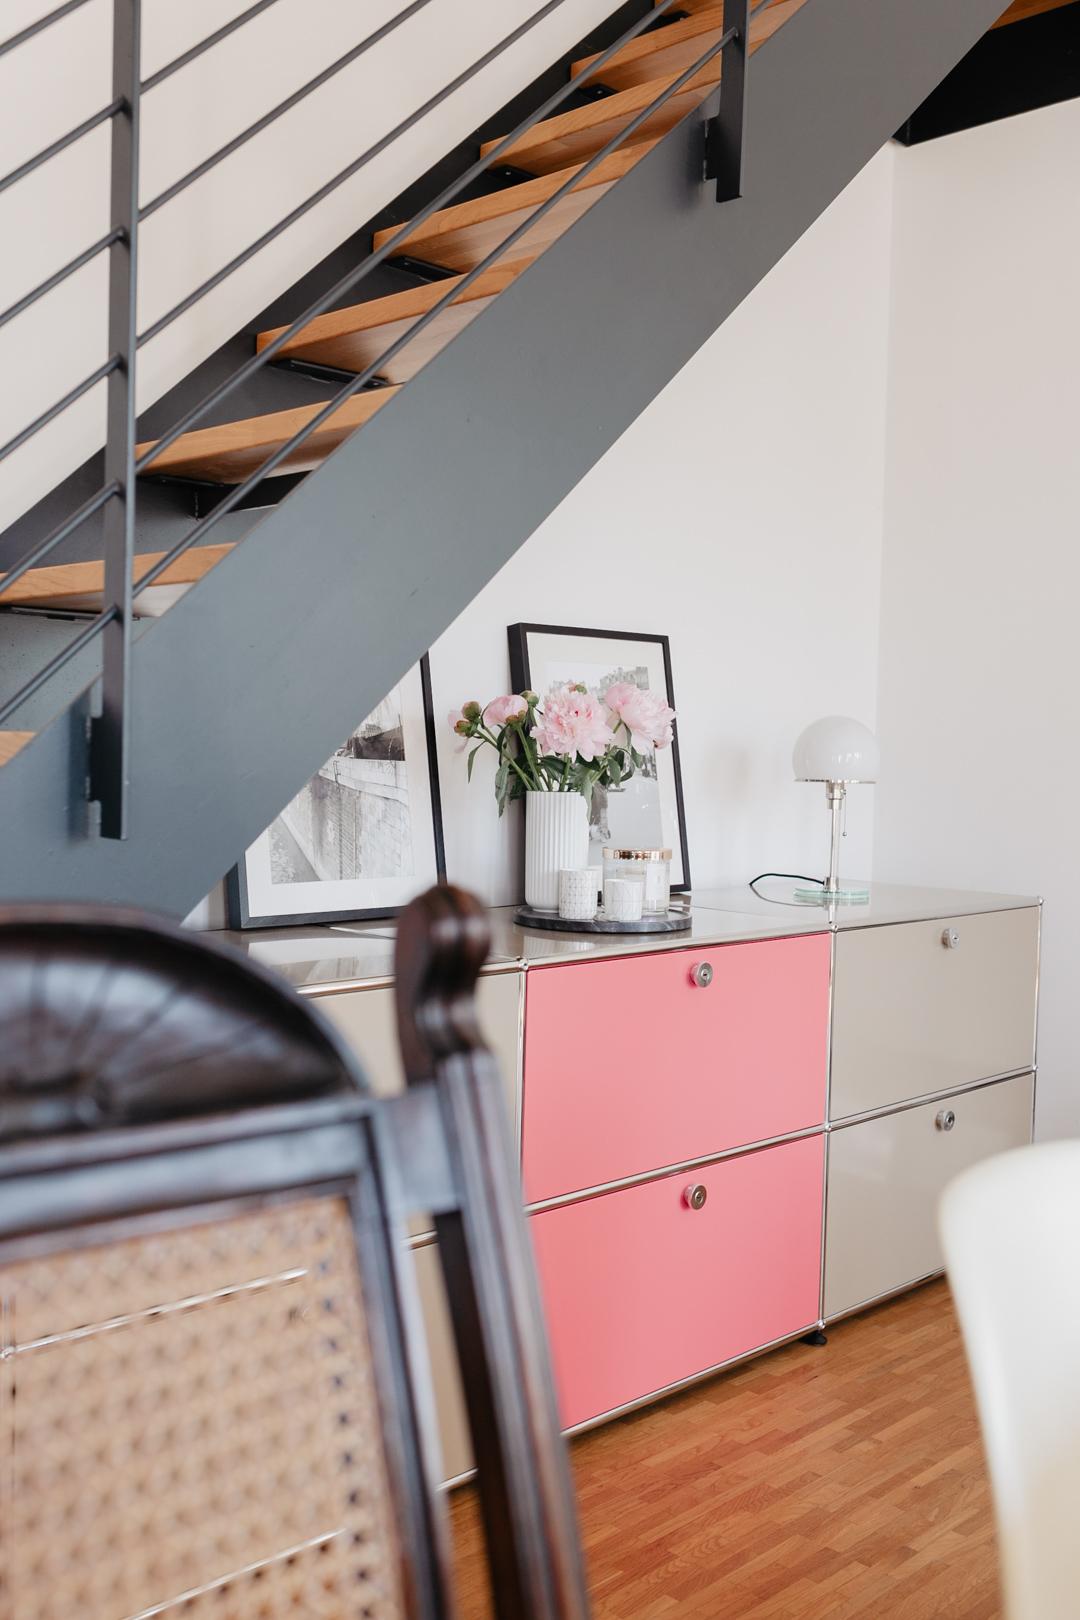 Designklassiker tifft Farbe – Bunte Tablare von swissmobilia für dein USM Haller Regal  // Pieces of Mariposa